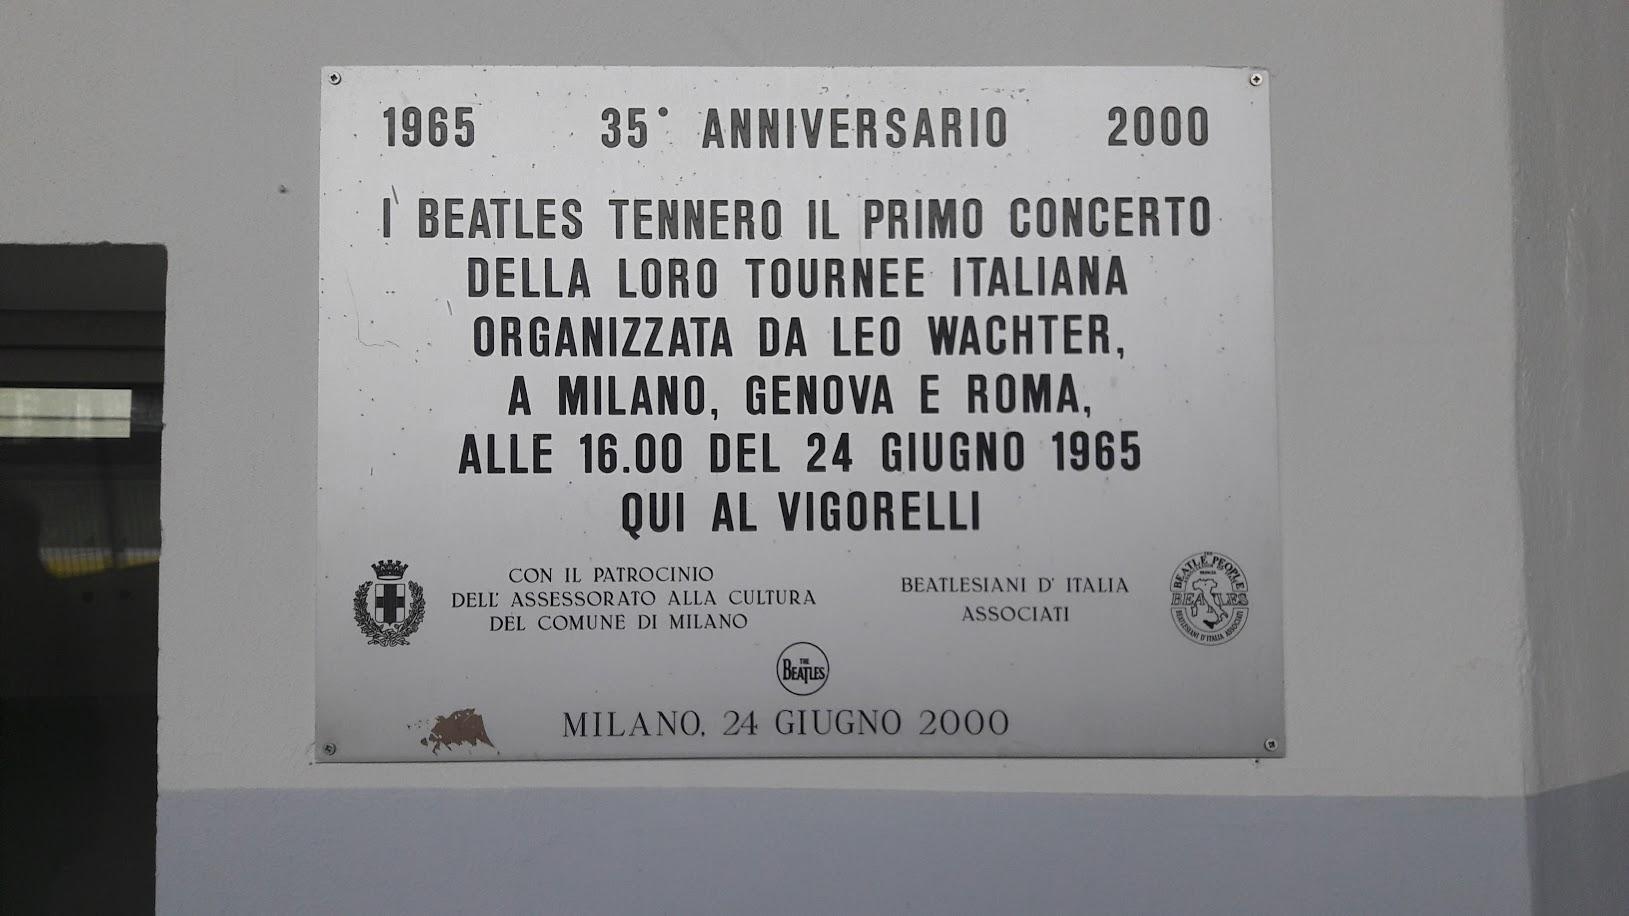 Targa commemorativa all'interno del Vigorelli (fotografia di Robert Ribaudo)